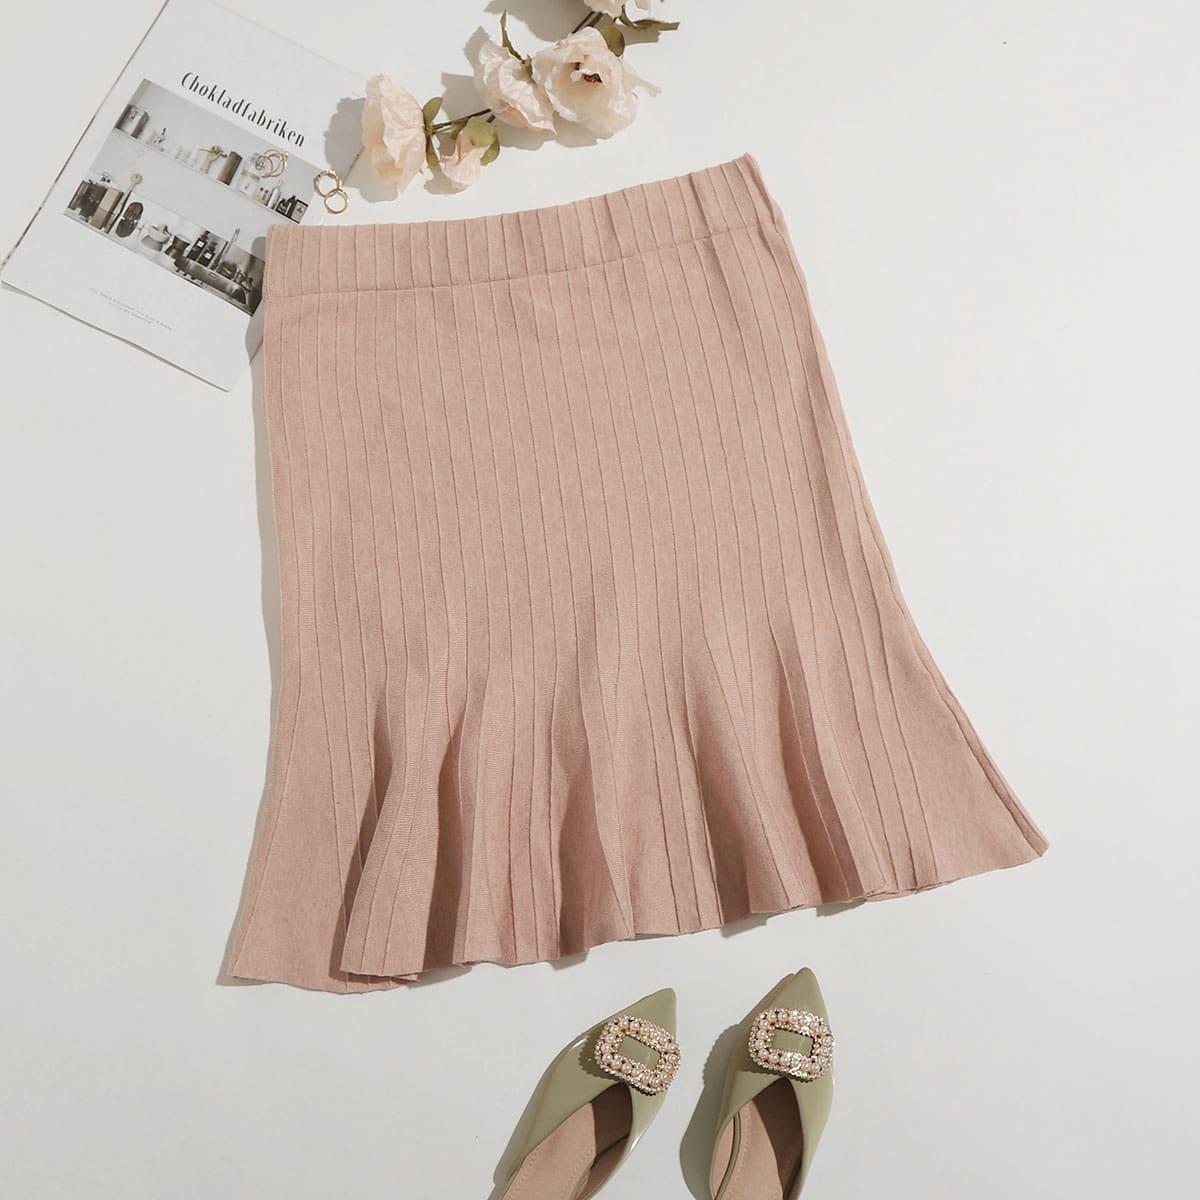 Однотонная юбка размера плюс с эластичной талией